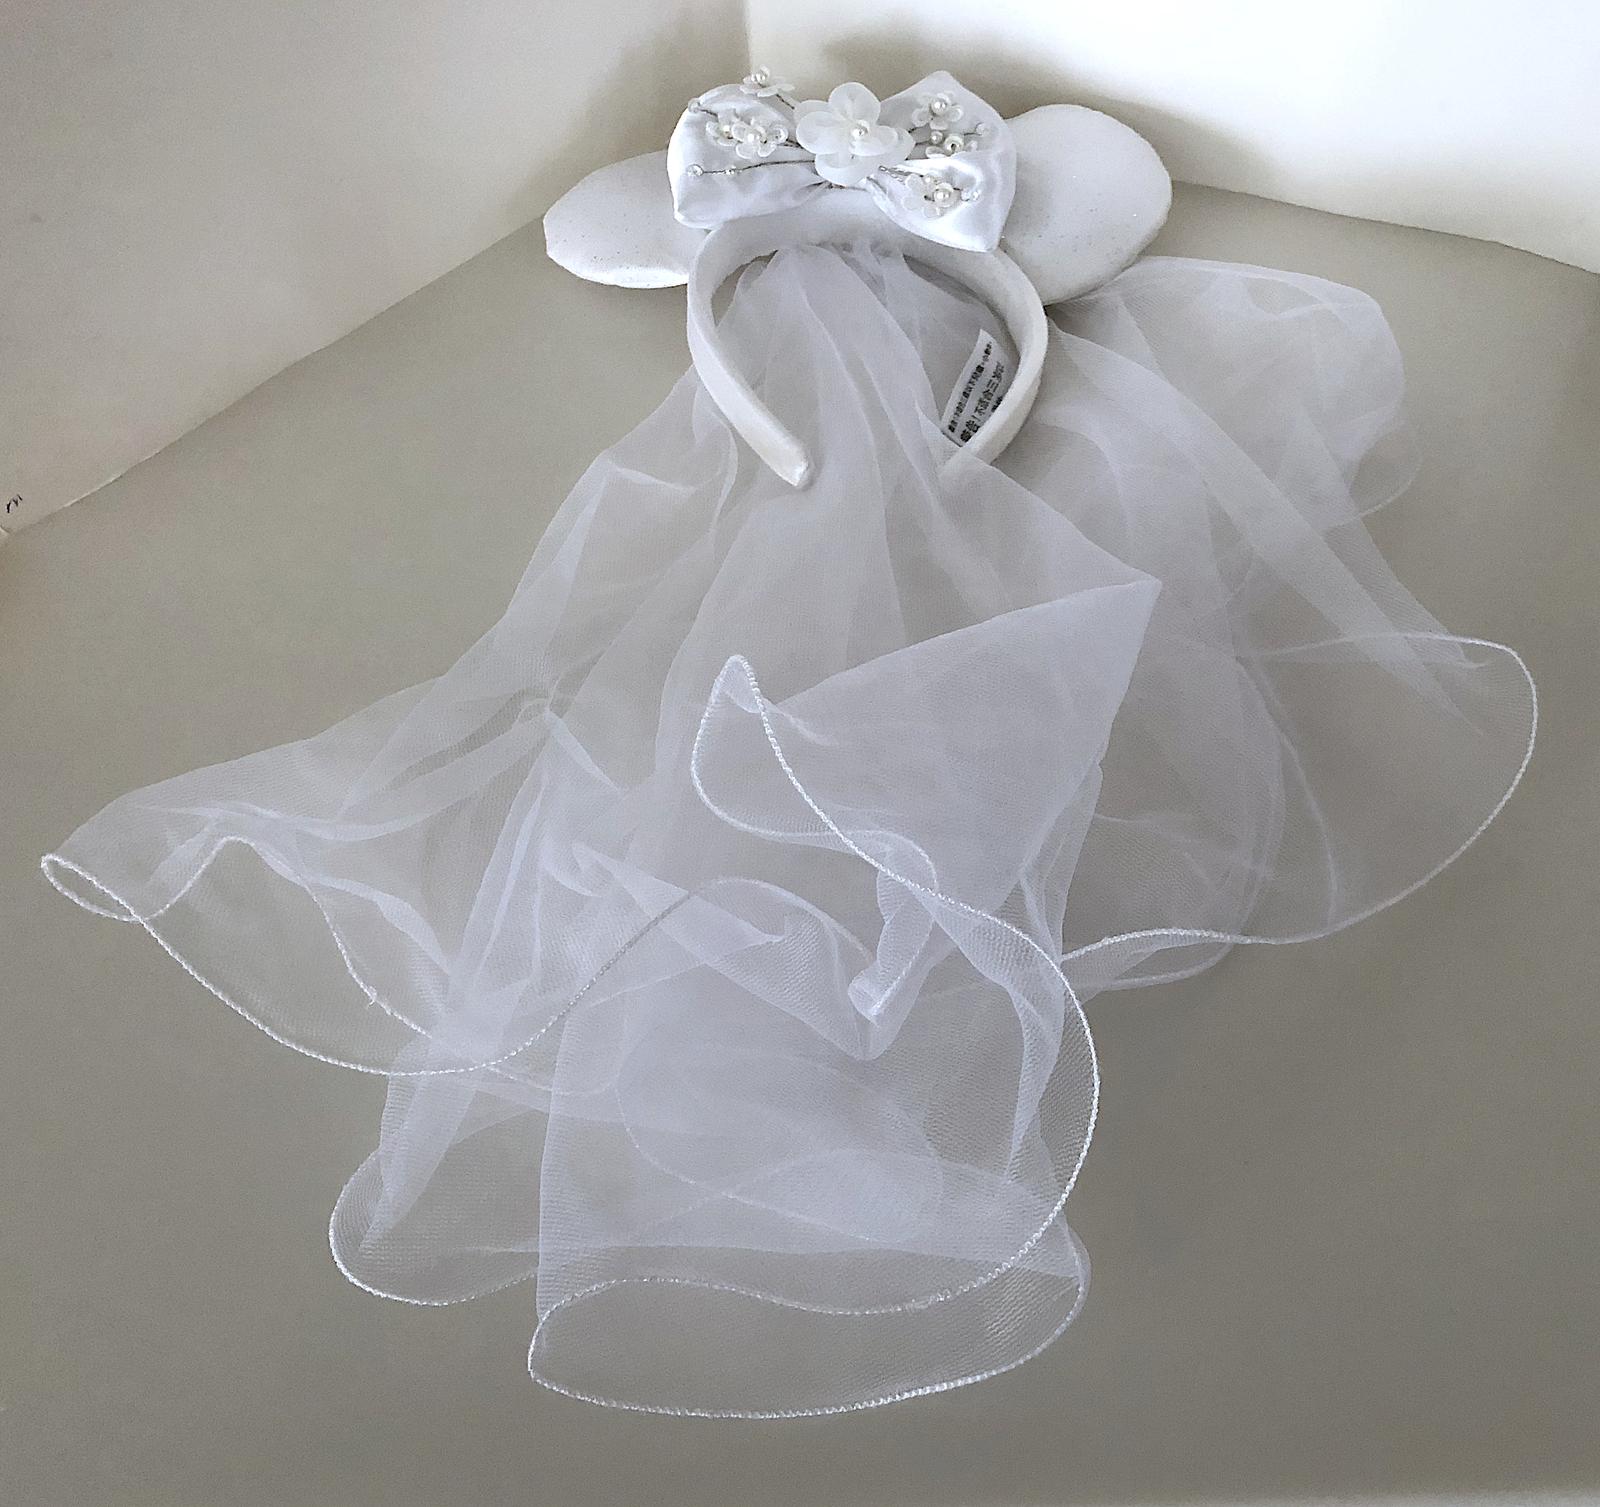 Disney Parks Minnie Mouse Mickey Ears Bride Veil Headband with Bow ... 4e75021024e